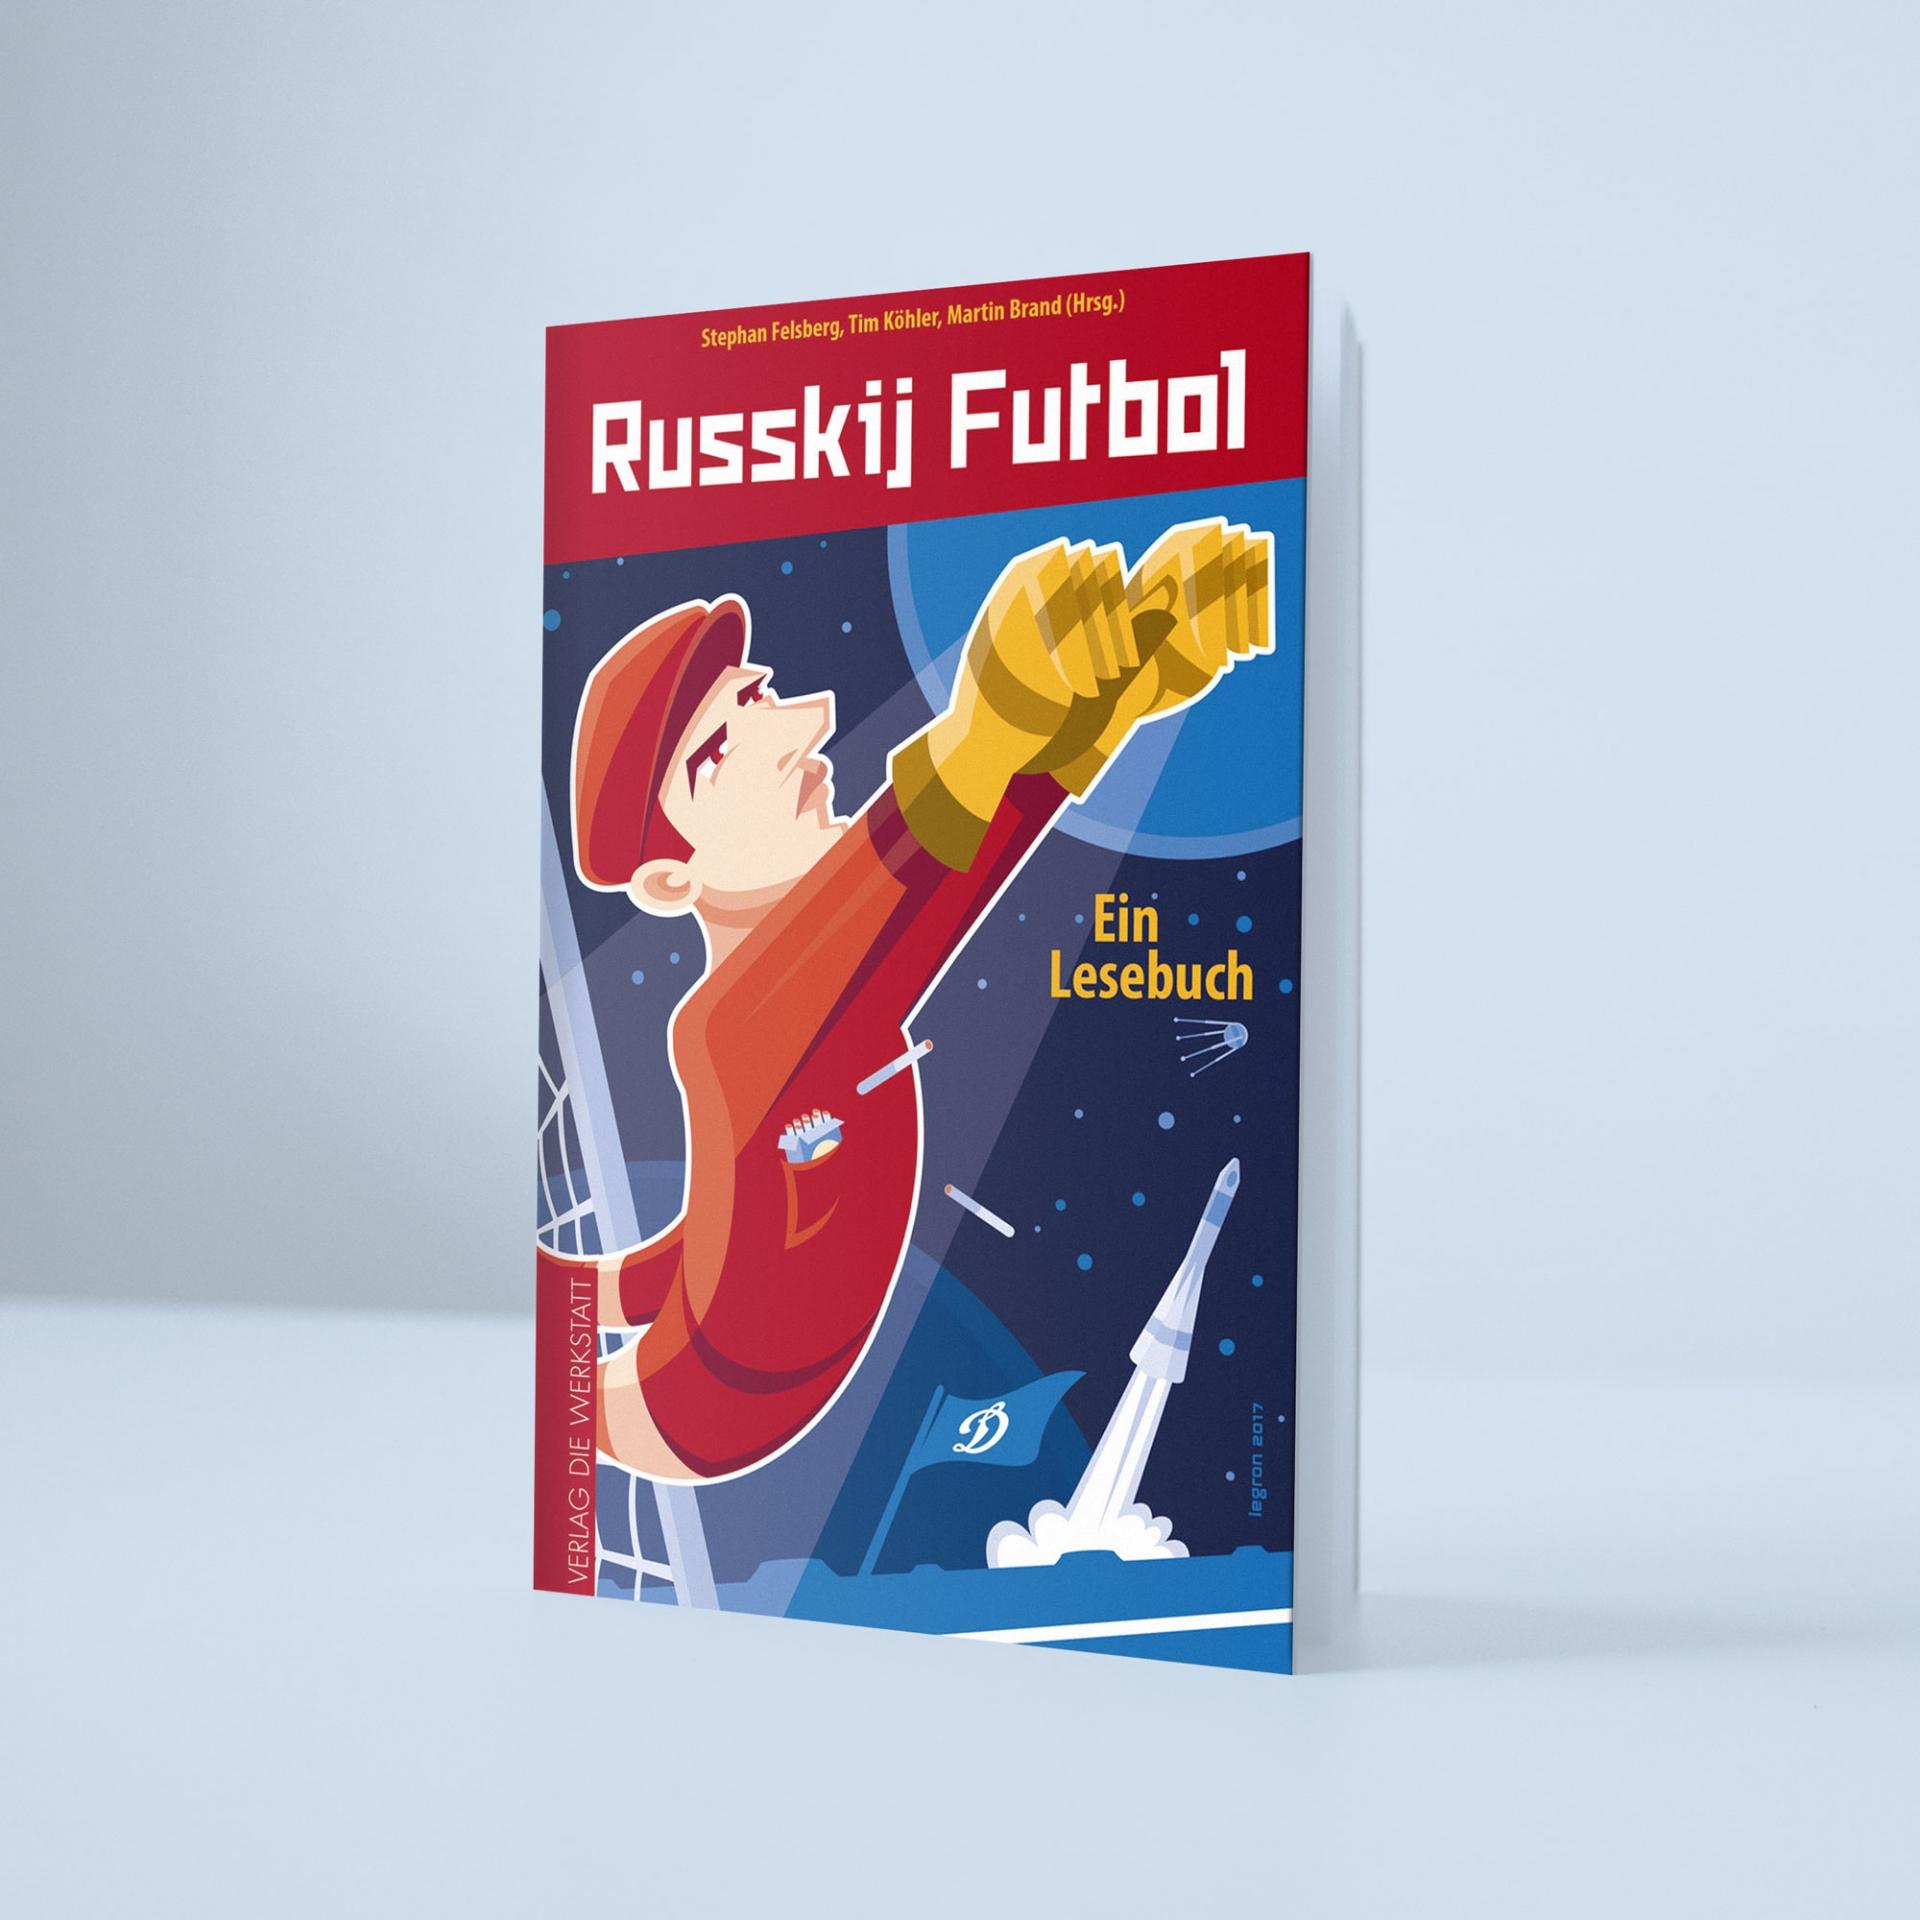 Russkij Futbol